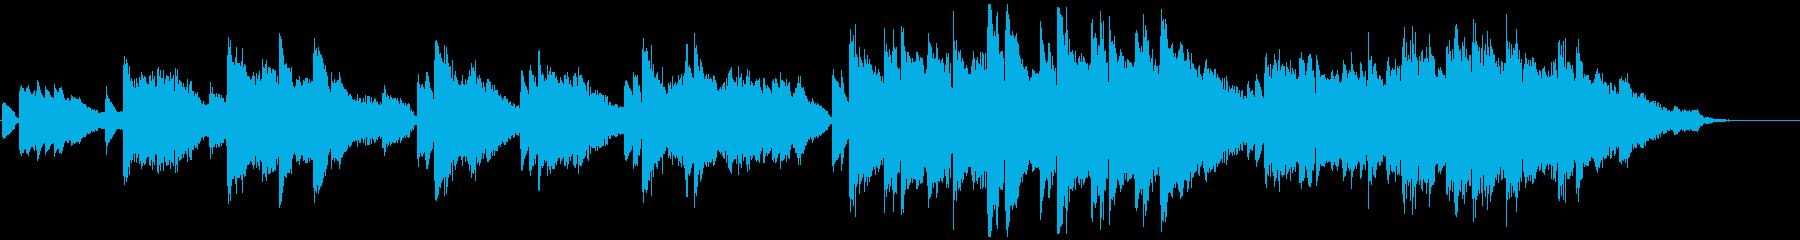 児童合唱とピアノによる卒業・別れのBGMの再生済みの波形